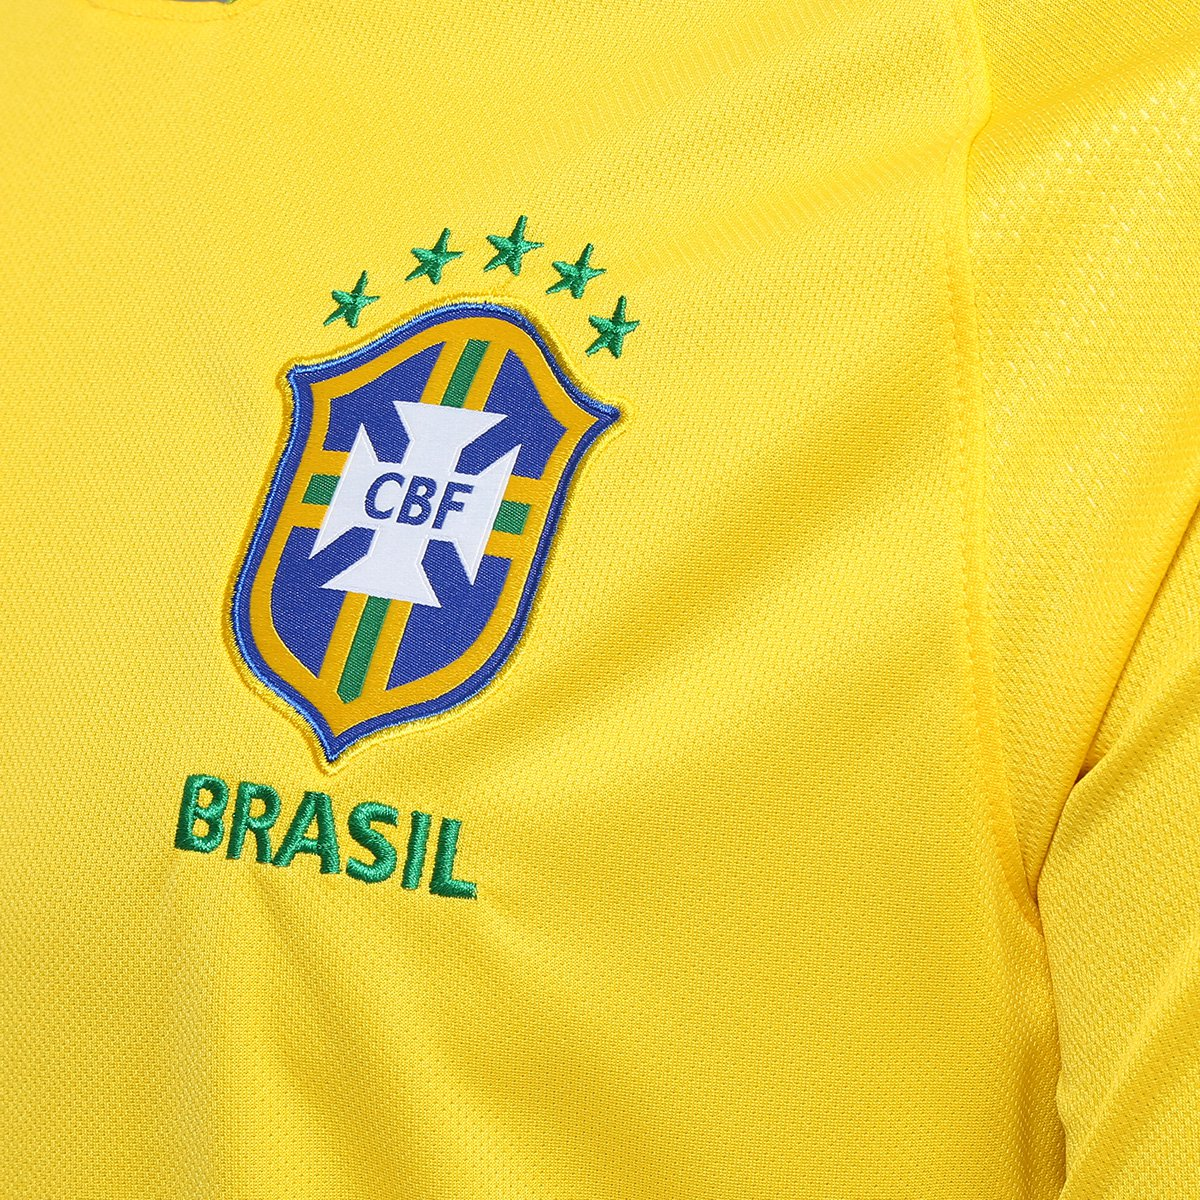 640b07a1c5 ... Camisa Seleção Brasil I 2018 s n° - Torcedor Nike Masculina ...